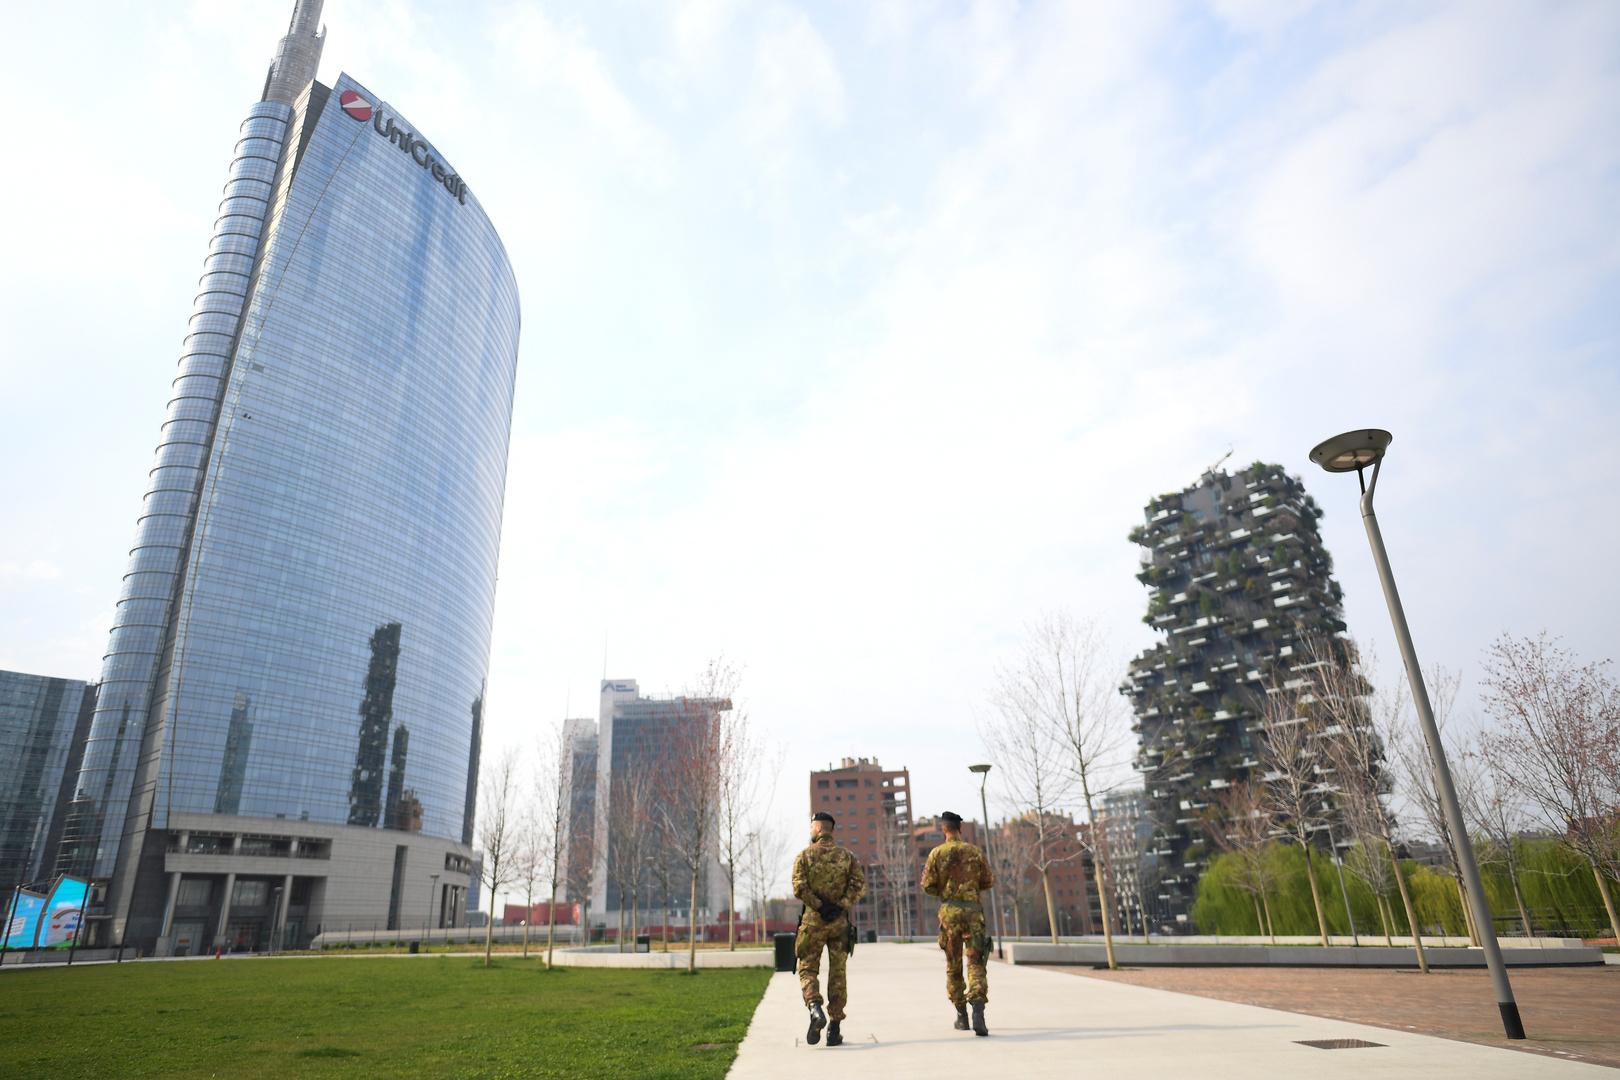 تراجع لافت لوتيرة الإصابات في أكثر إقليم إيطالي تضررا من كورونا